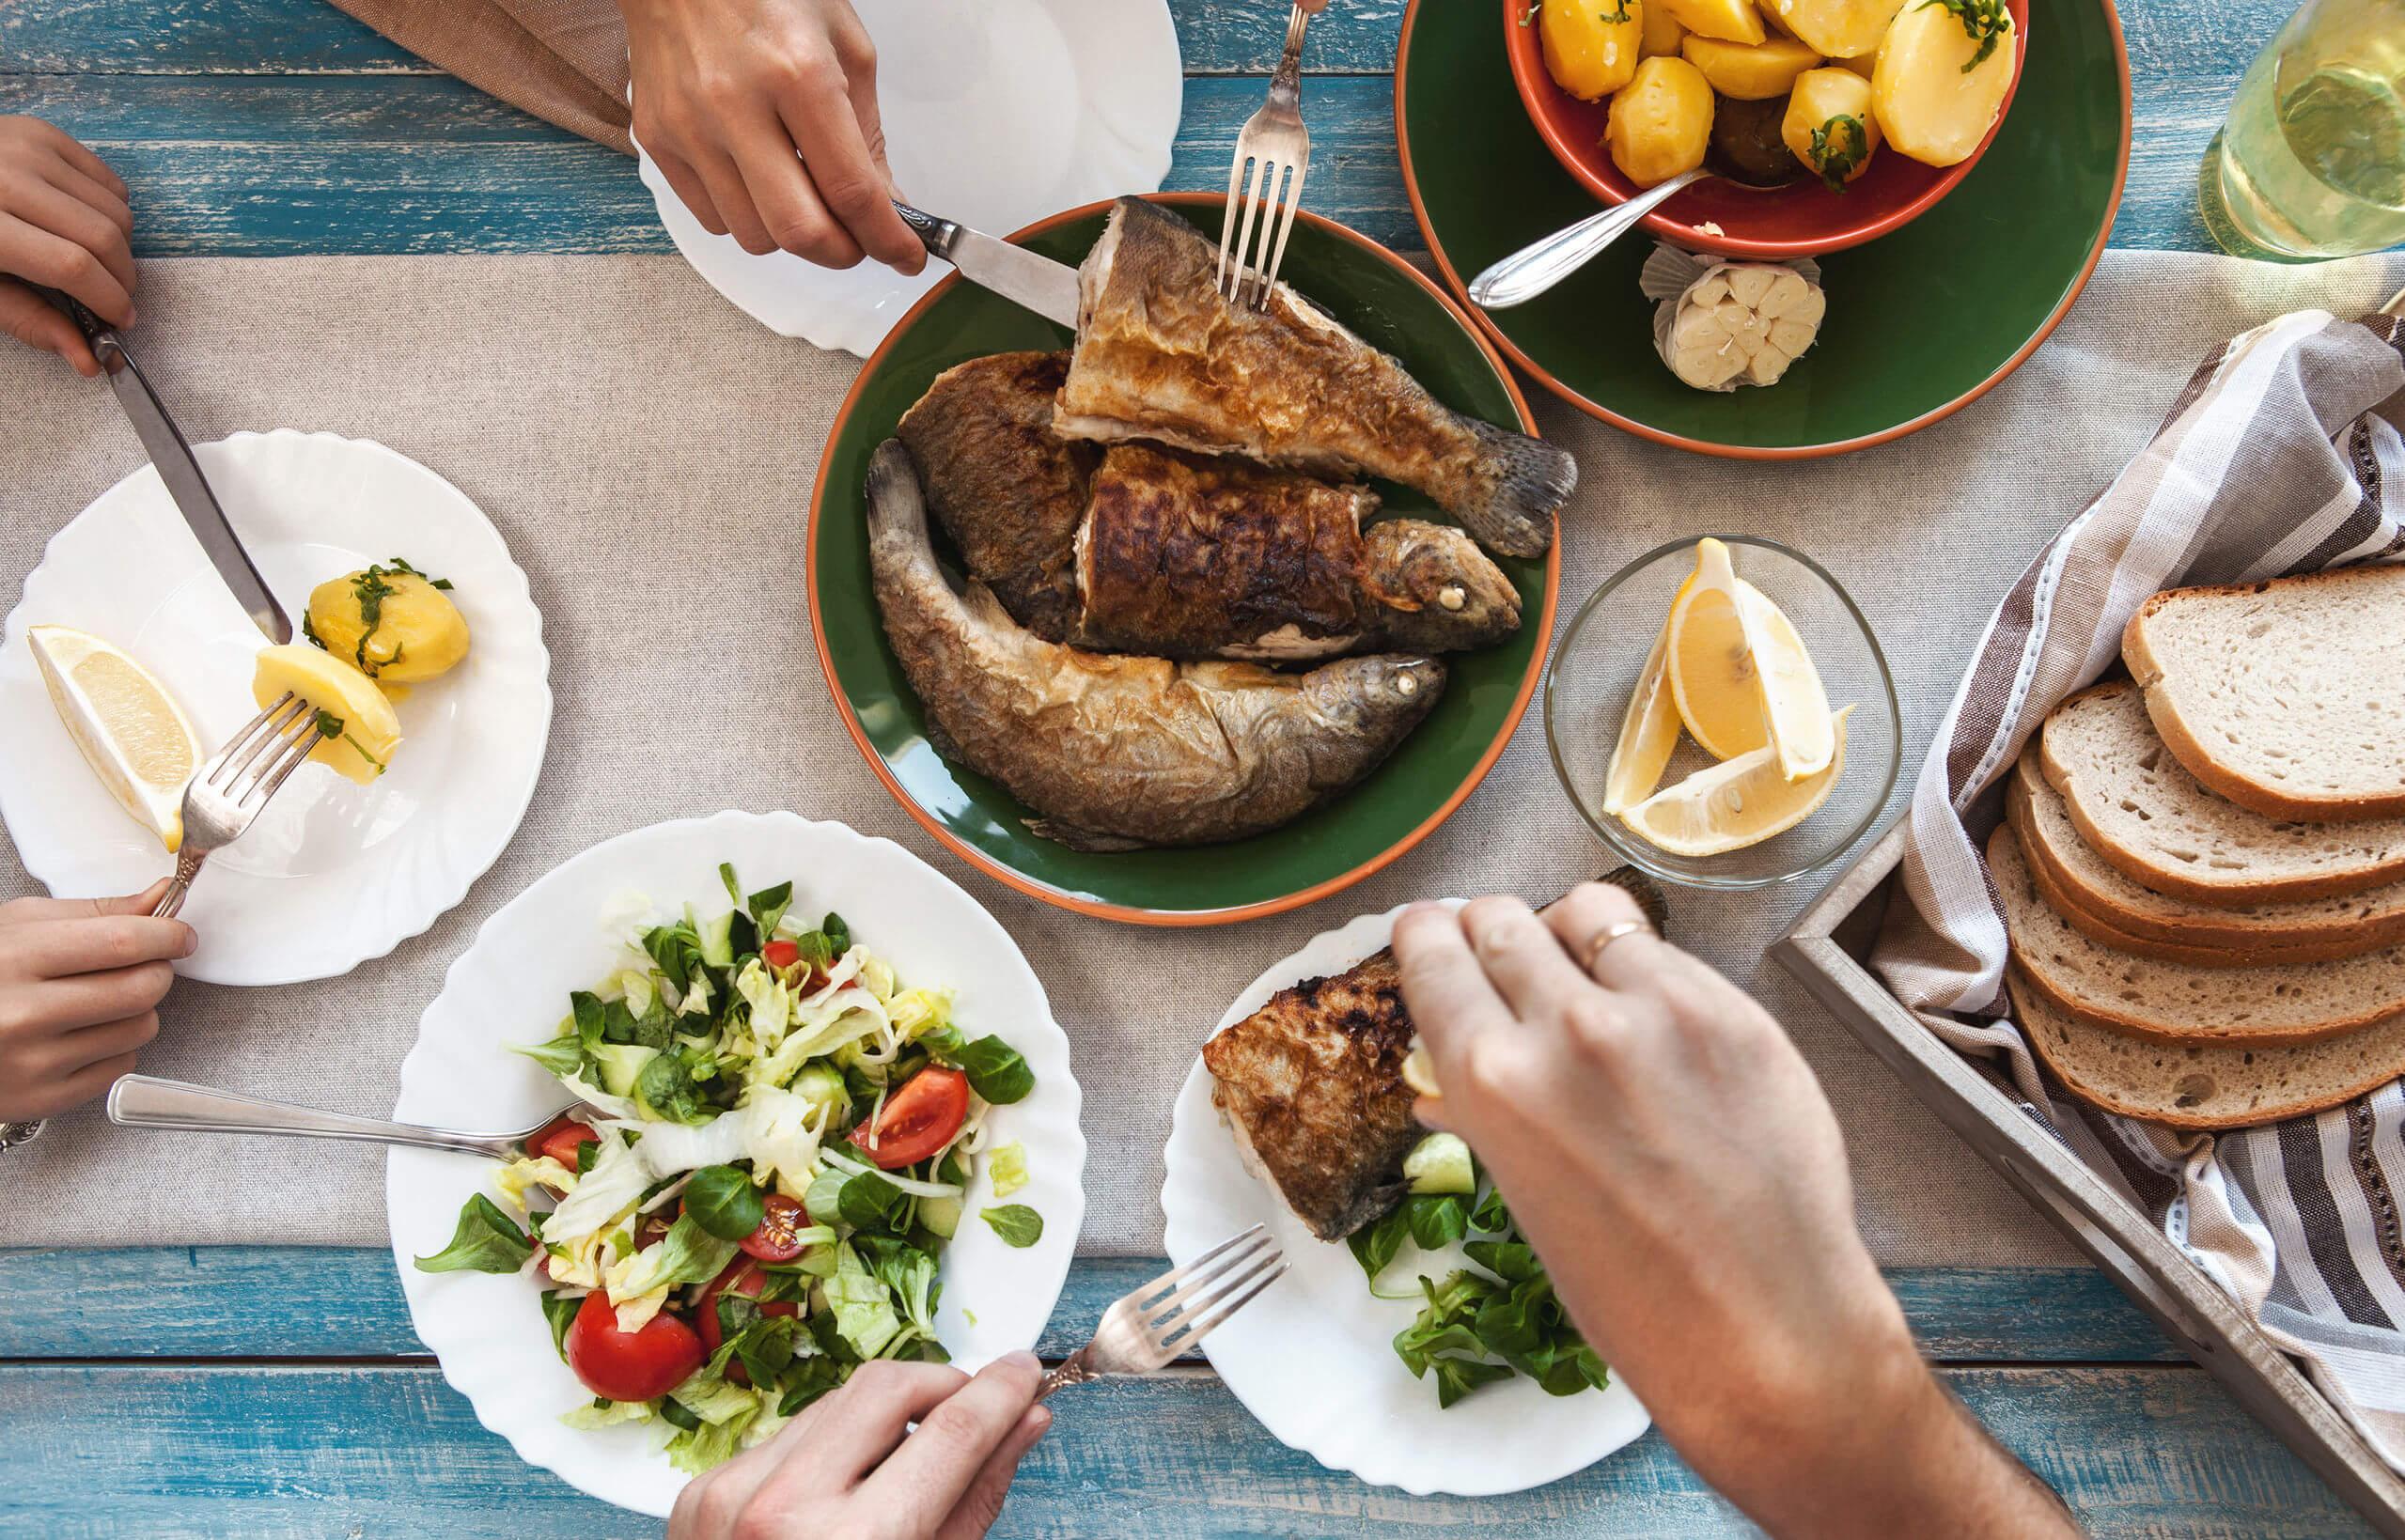 Reducir el consumo de carne puede hacerse comiendo pescado.